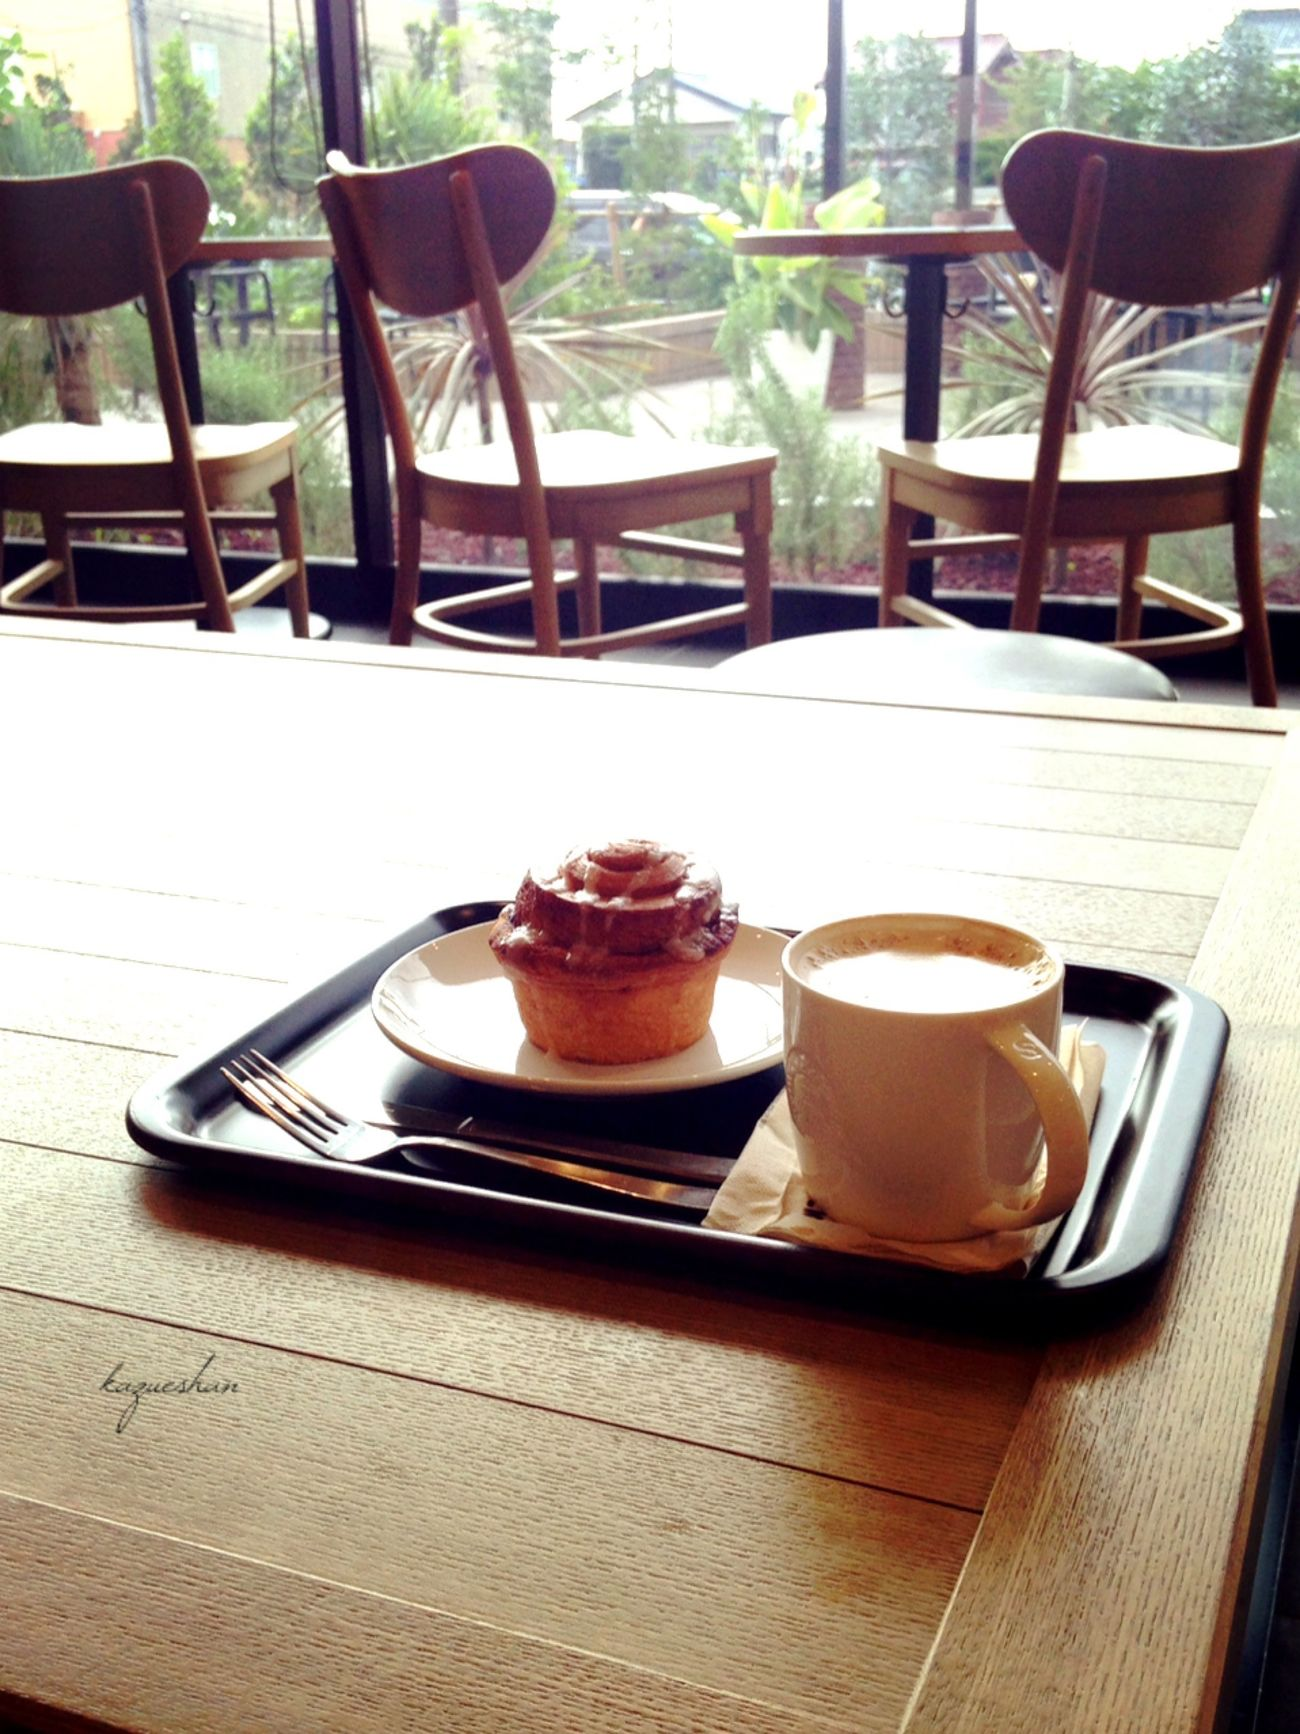 おうちのリビングみたいなのがコンセプトのスタバ♡ カフェ (null)Coffee Time Starbuckscoffee スタバ カフェミスト シナモンロール Cafe おいしい おしゃれカフェ